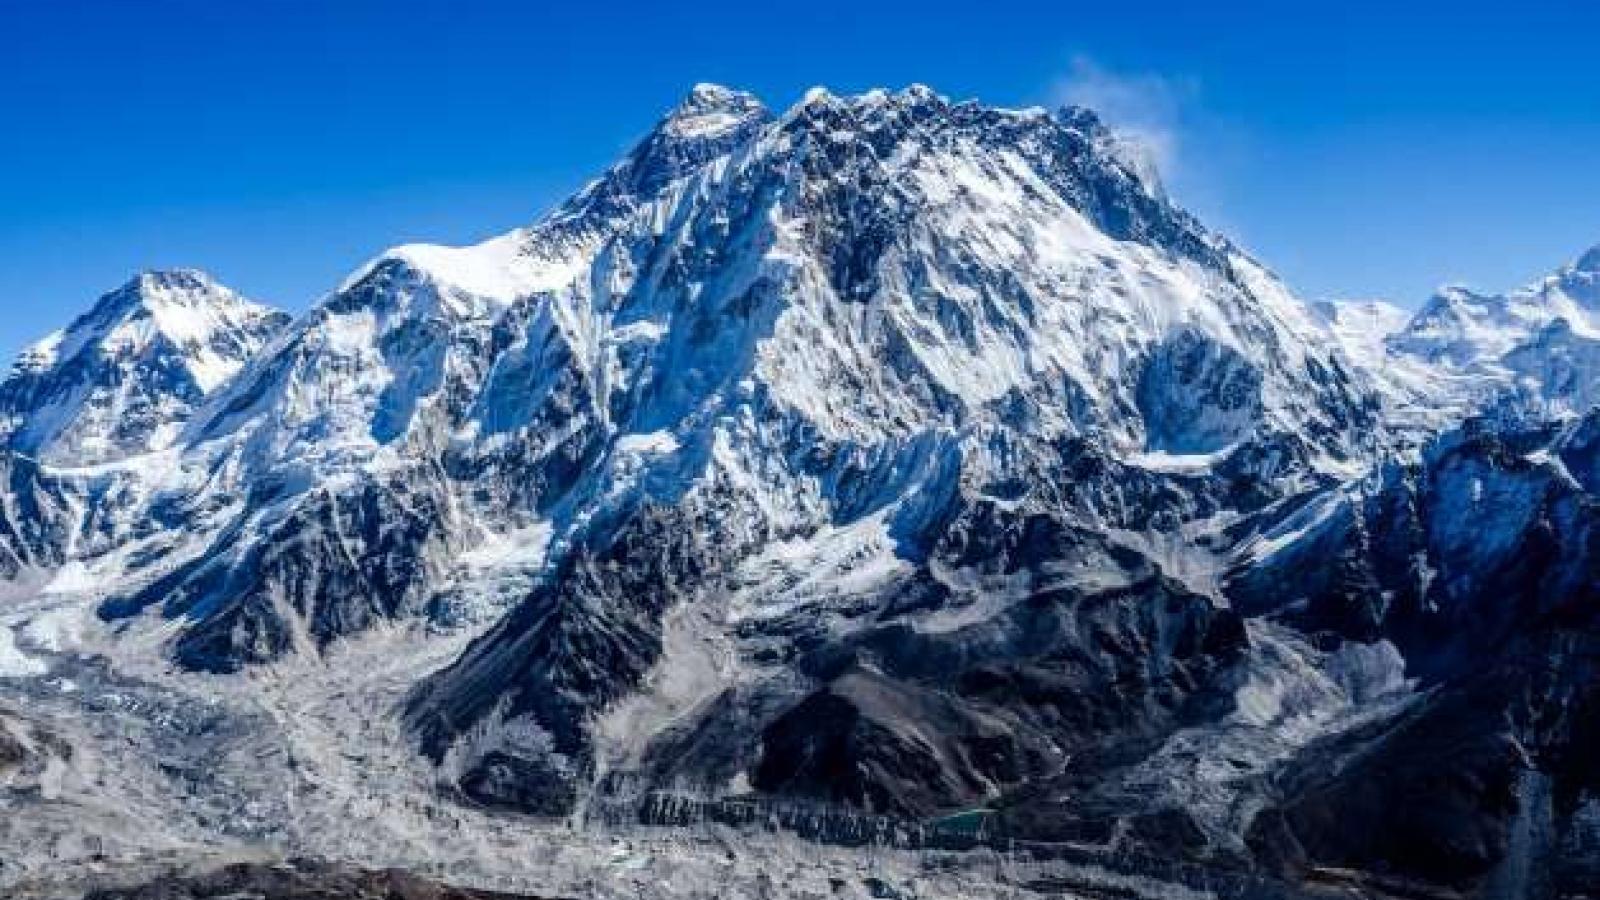 Vinh quang và thảm kịch trên hành trình chinh phục nóc nhà thế giới Everest